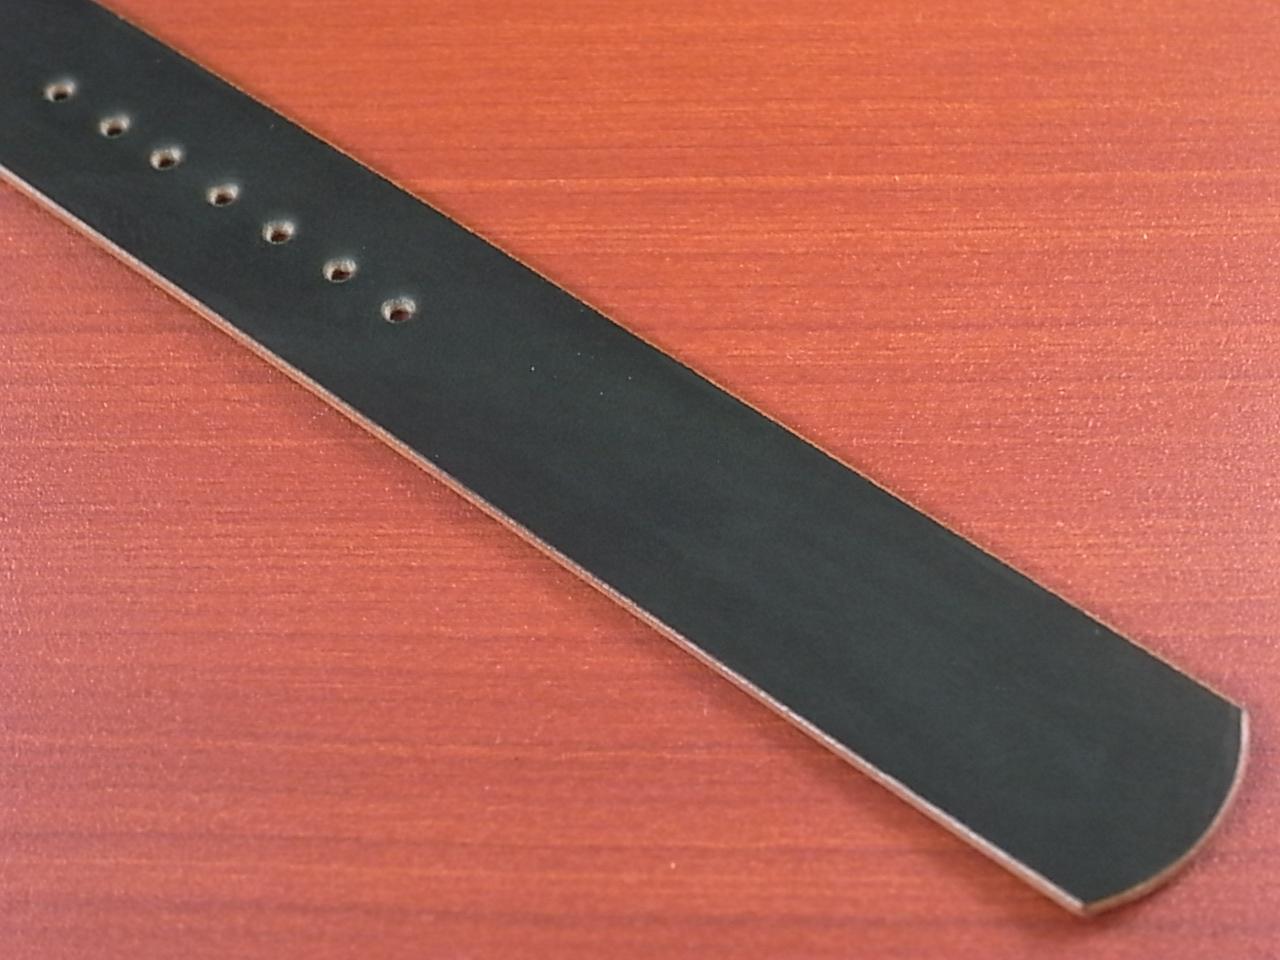 ホーウィン コードバン 引き通し革ベルト グリーン 17~24mm 受注生産の写真5枚目